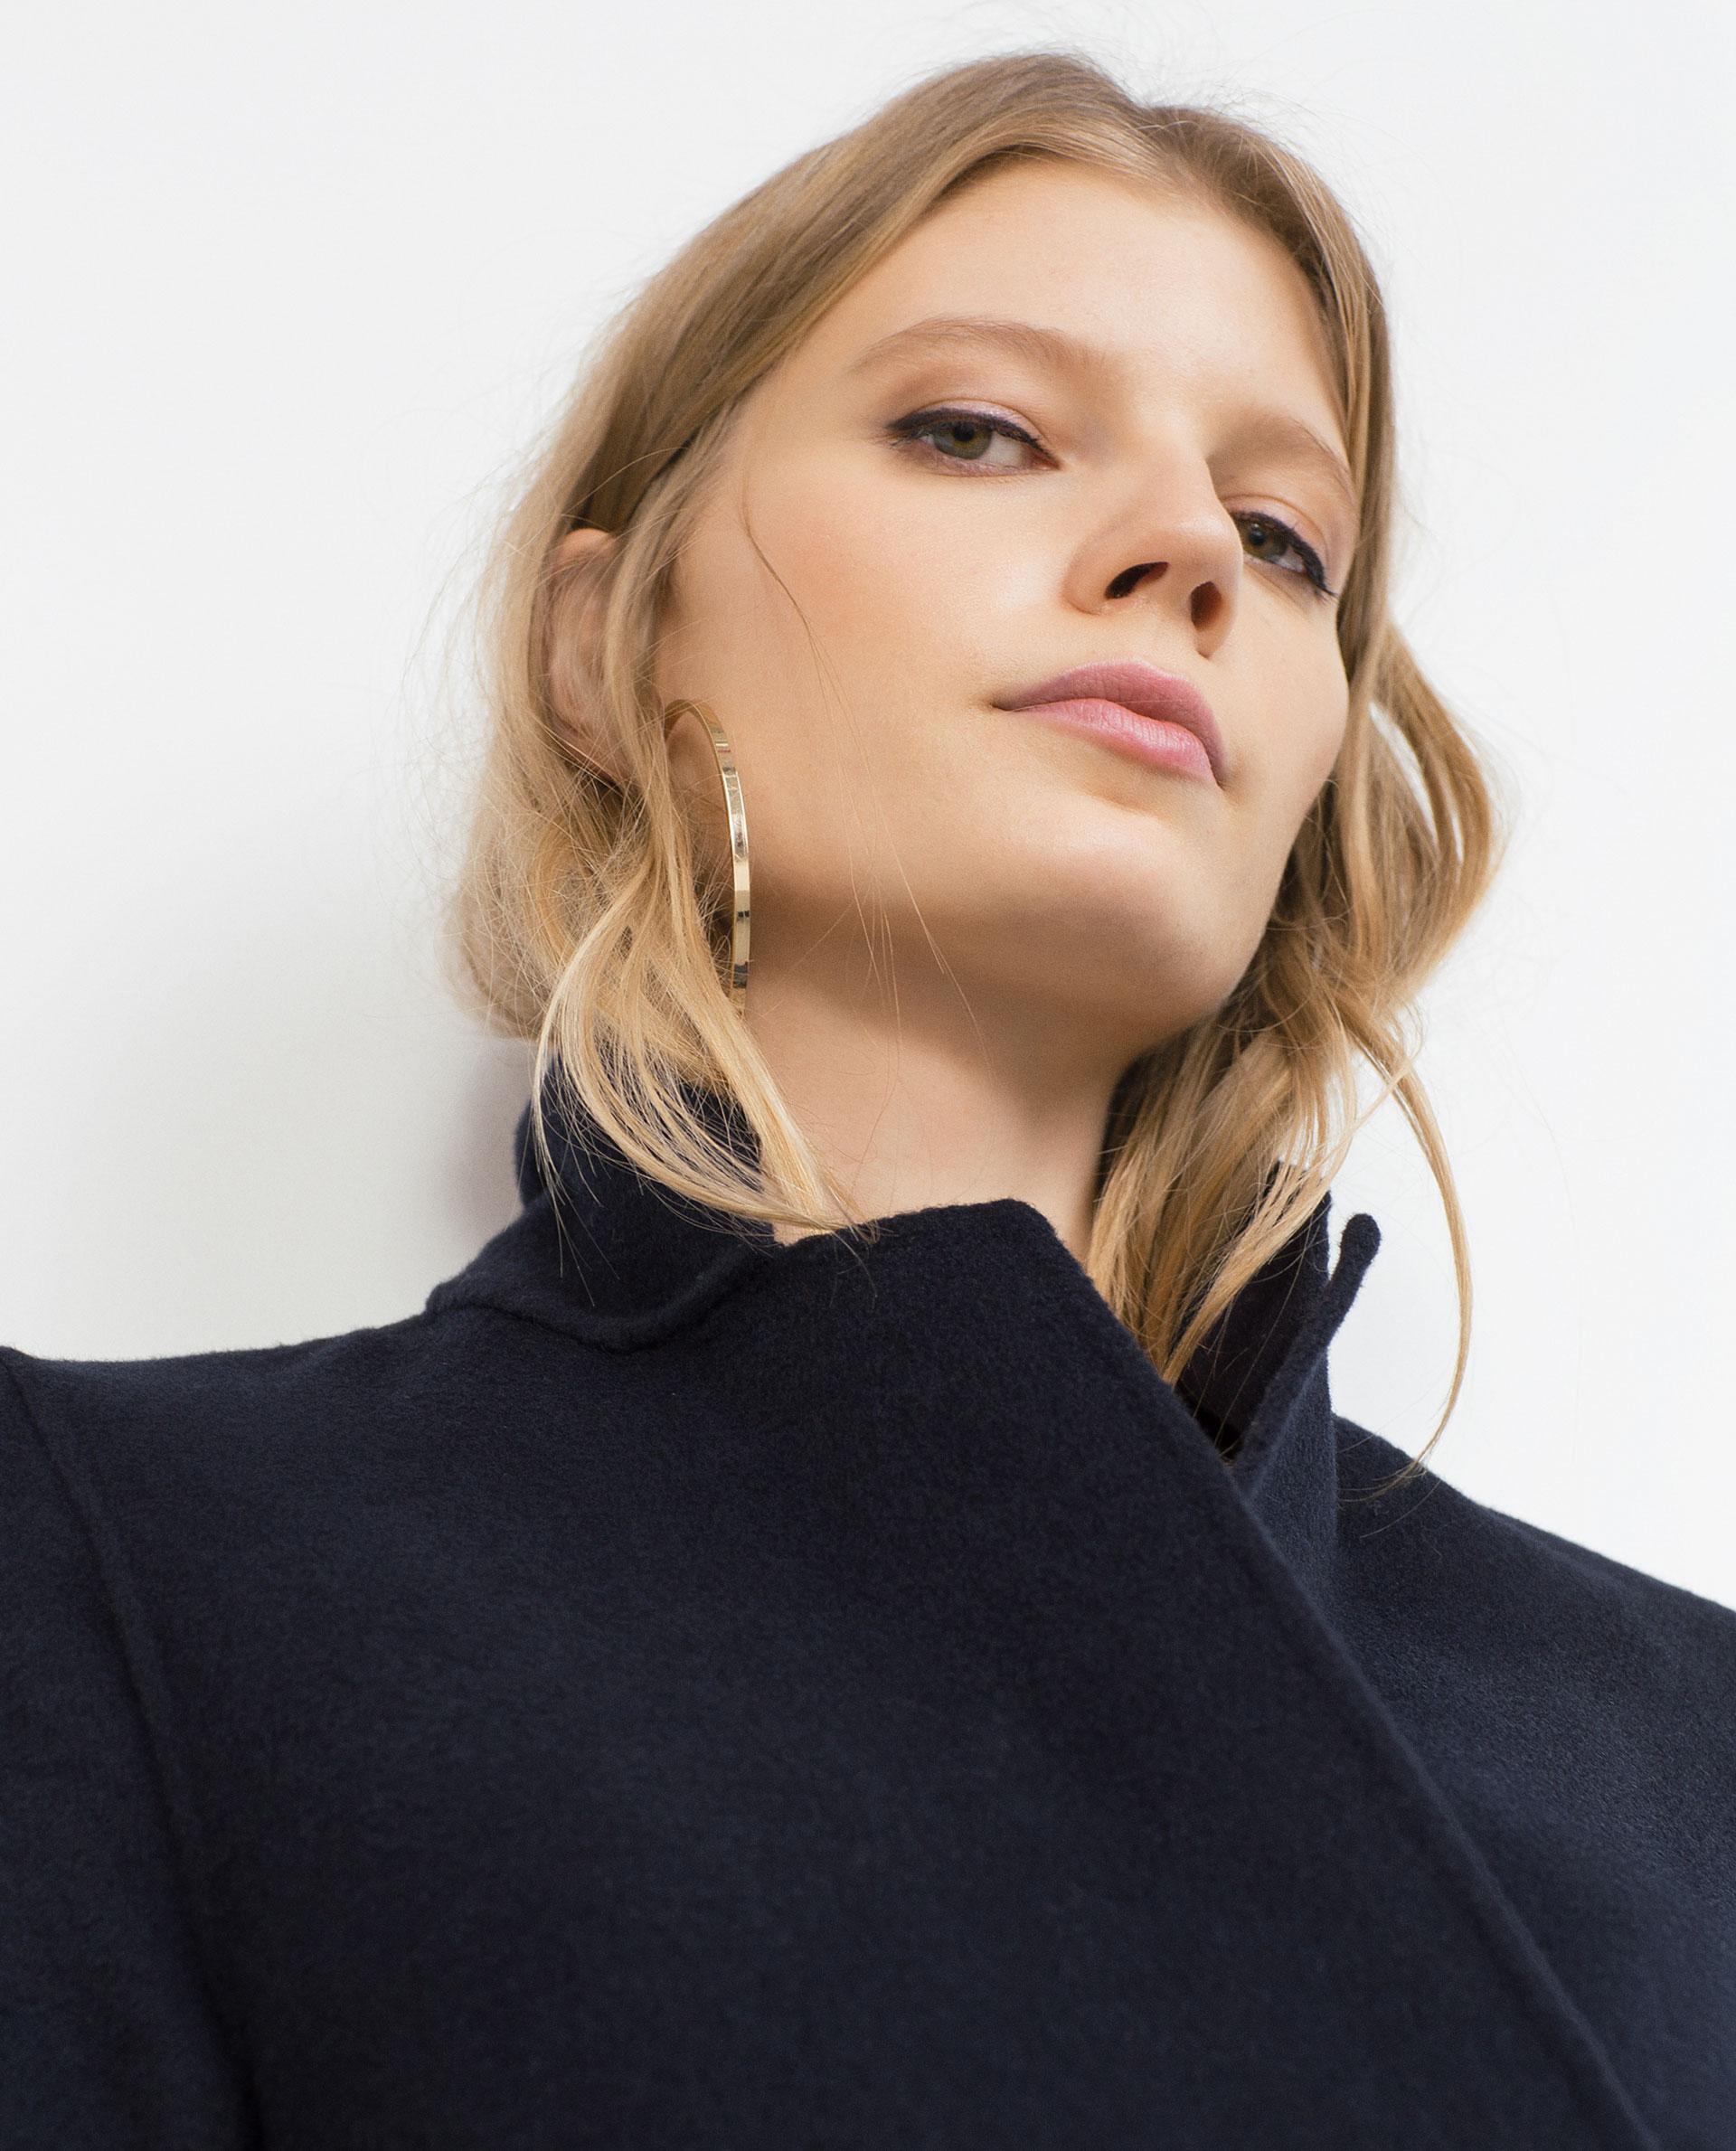 manteau long fait main studio tout voir manteaux femme zara france. Black Bedroom Furniture Sets. Home Design Ideas